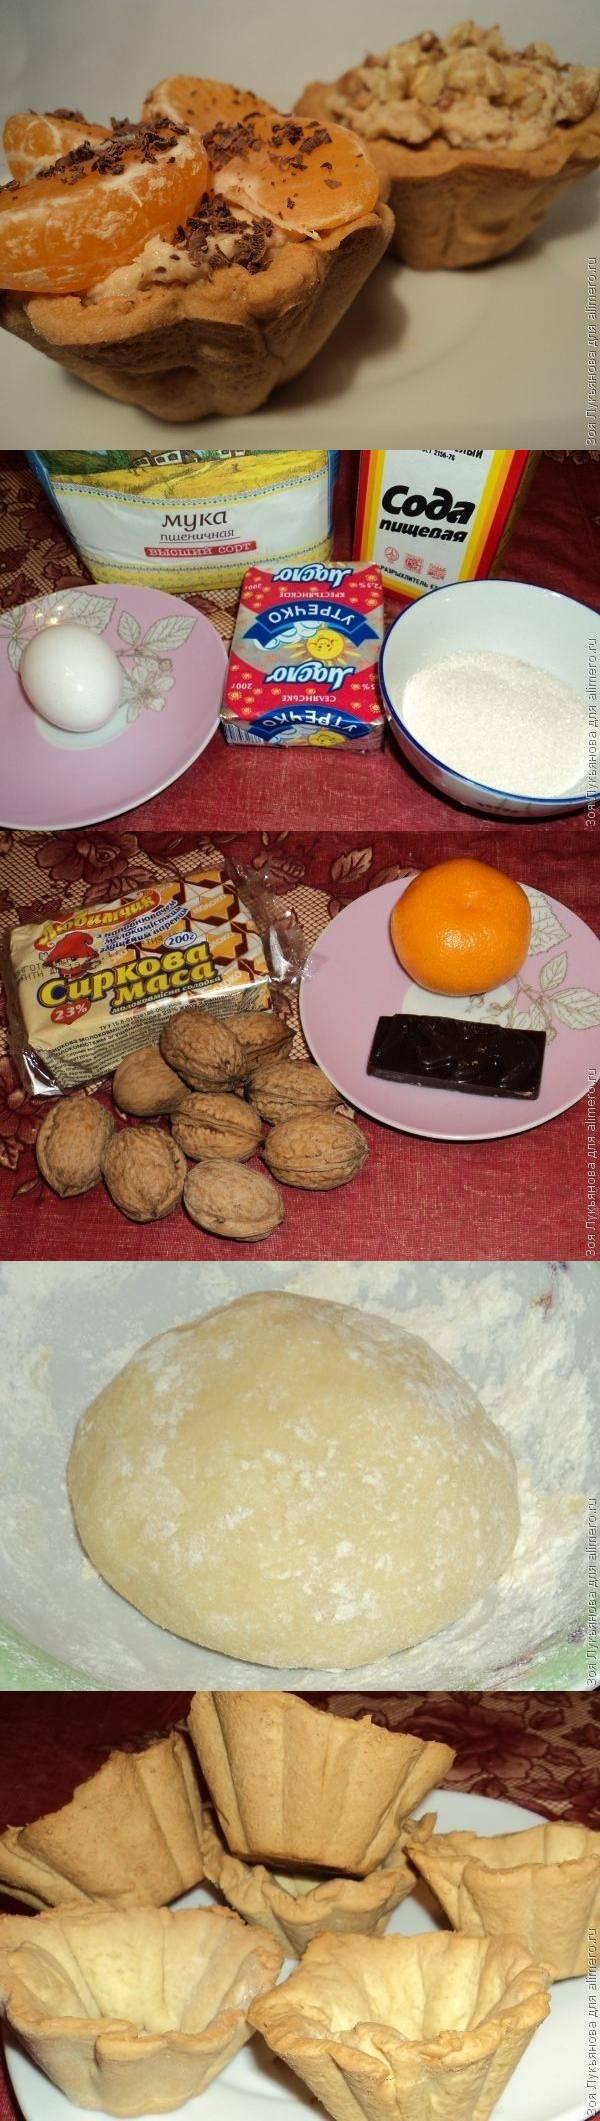 Пирожное «Корзинка»